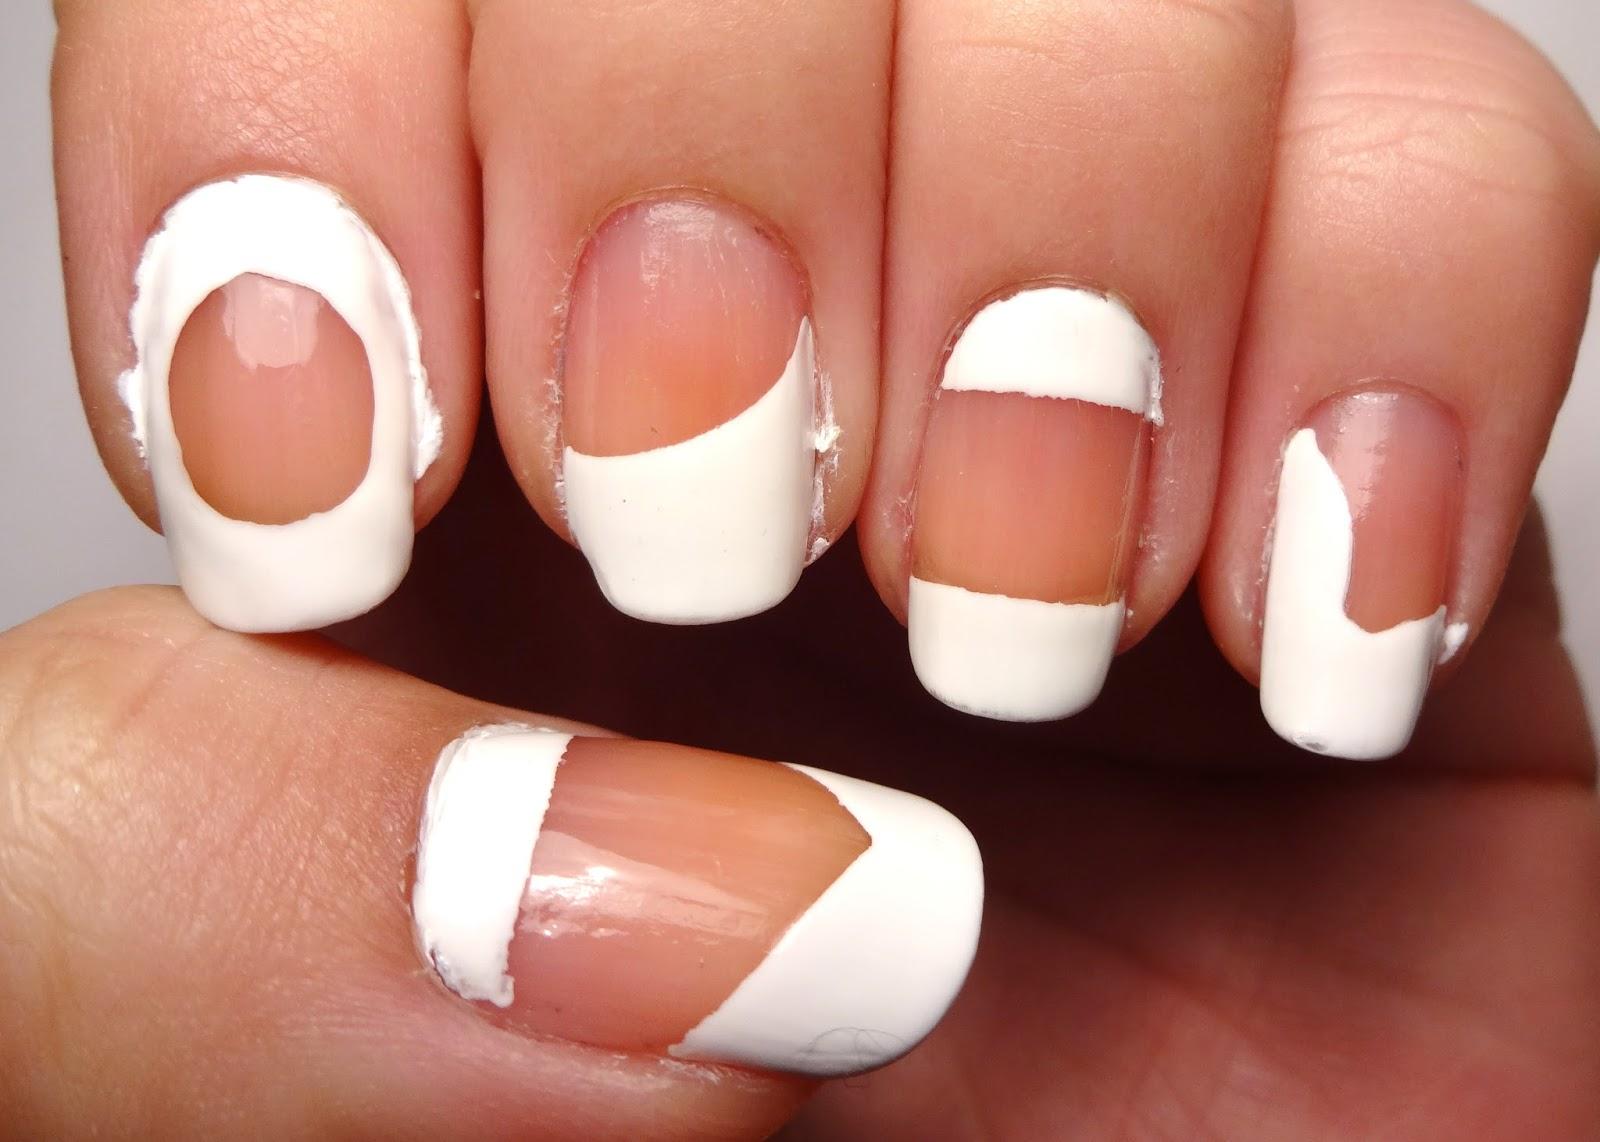 Cutout Nails